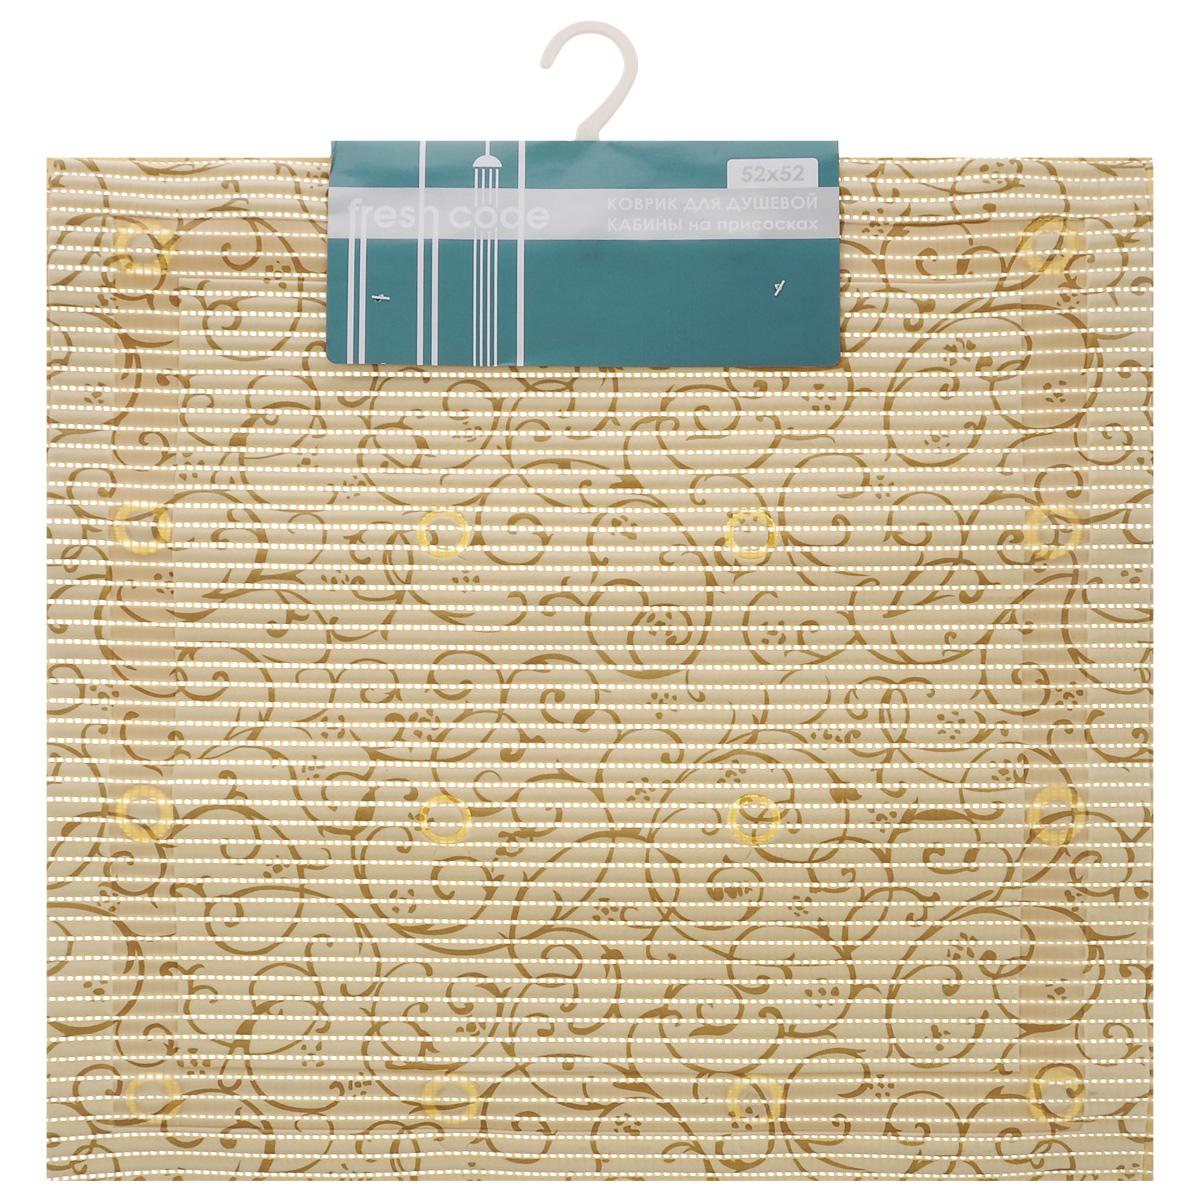 Коврик для душевой кабины Fresh Code Flexy, на присосках, цвет: коричневый, 52 х 52 см55767 коричневыйКвадратный коврик Fresh Code Flexy выполненный из ПВХ, предназначен для душевой кабины. Его также можно использовать как напольный коврик для ванной комнаты. Крепиться к полу при помощи присосок, которые обеспечивают антискользящий эффект, а мягкая поверхность коврика создает комфортное покрытие. Красивый дизайн коврика украсит ванную комнату. Рекомендации по уходу: протрите коврик влажной губкой с мягким моющим средством, тщательно ополосните чистой водой и просушите.